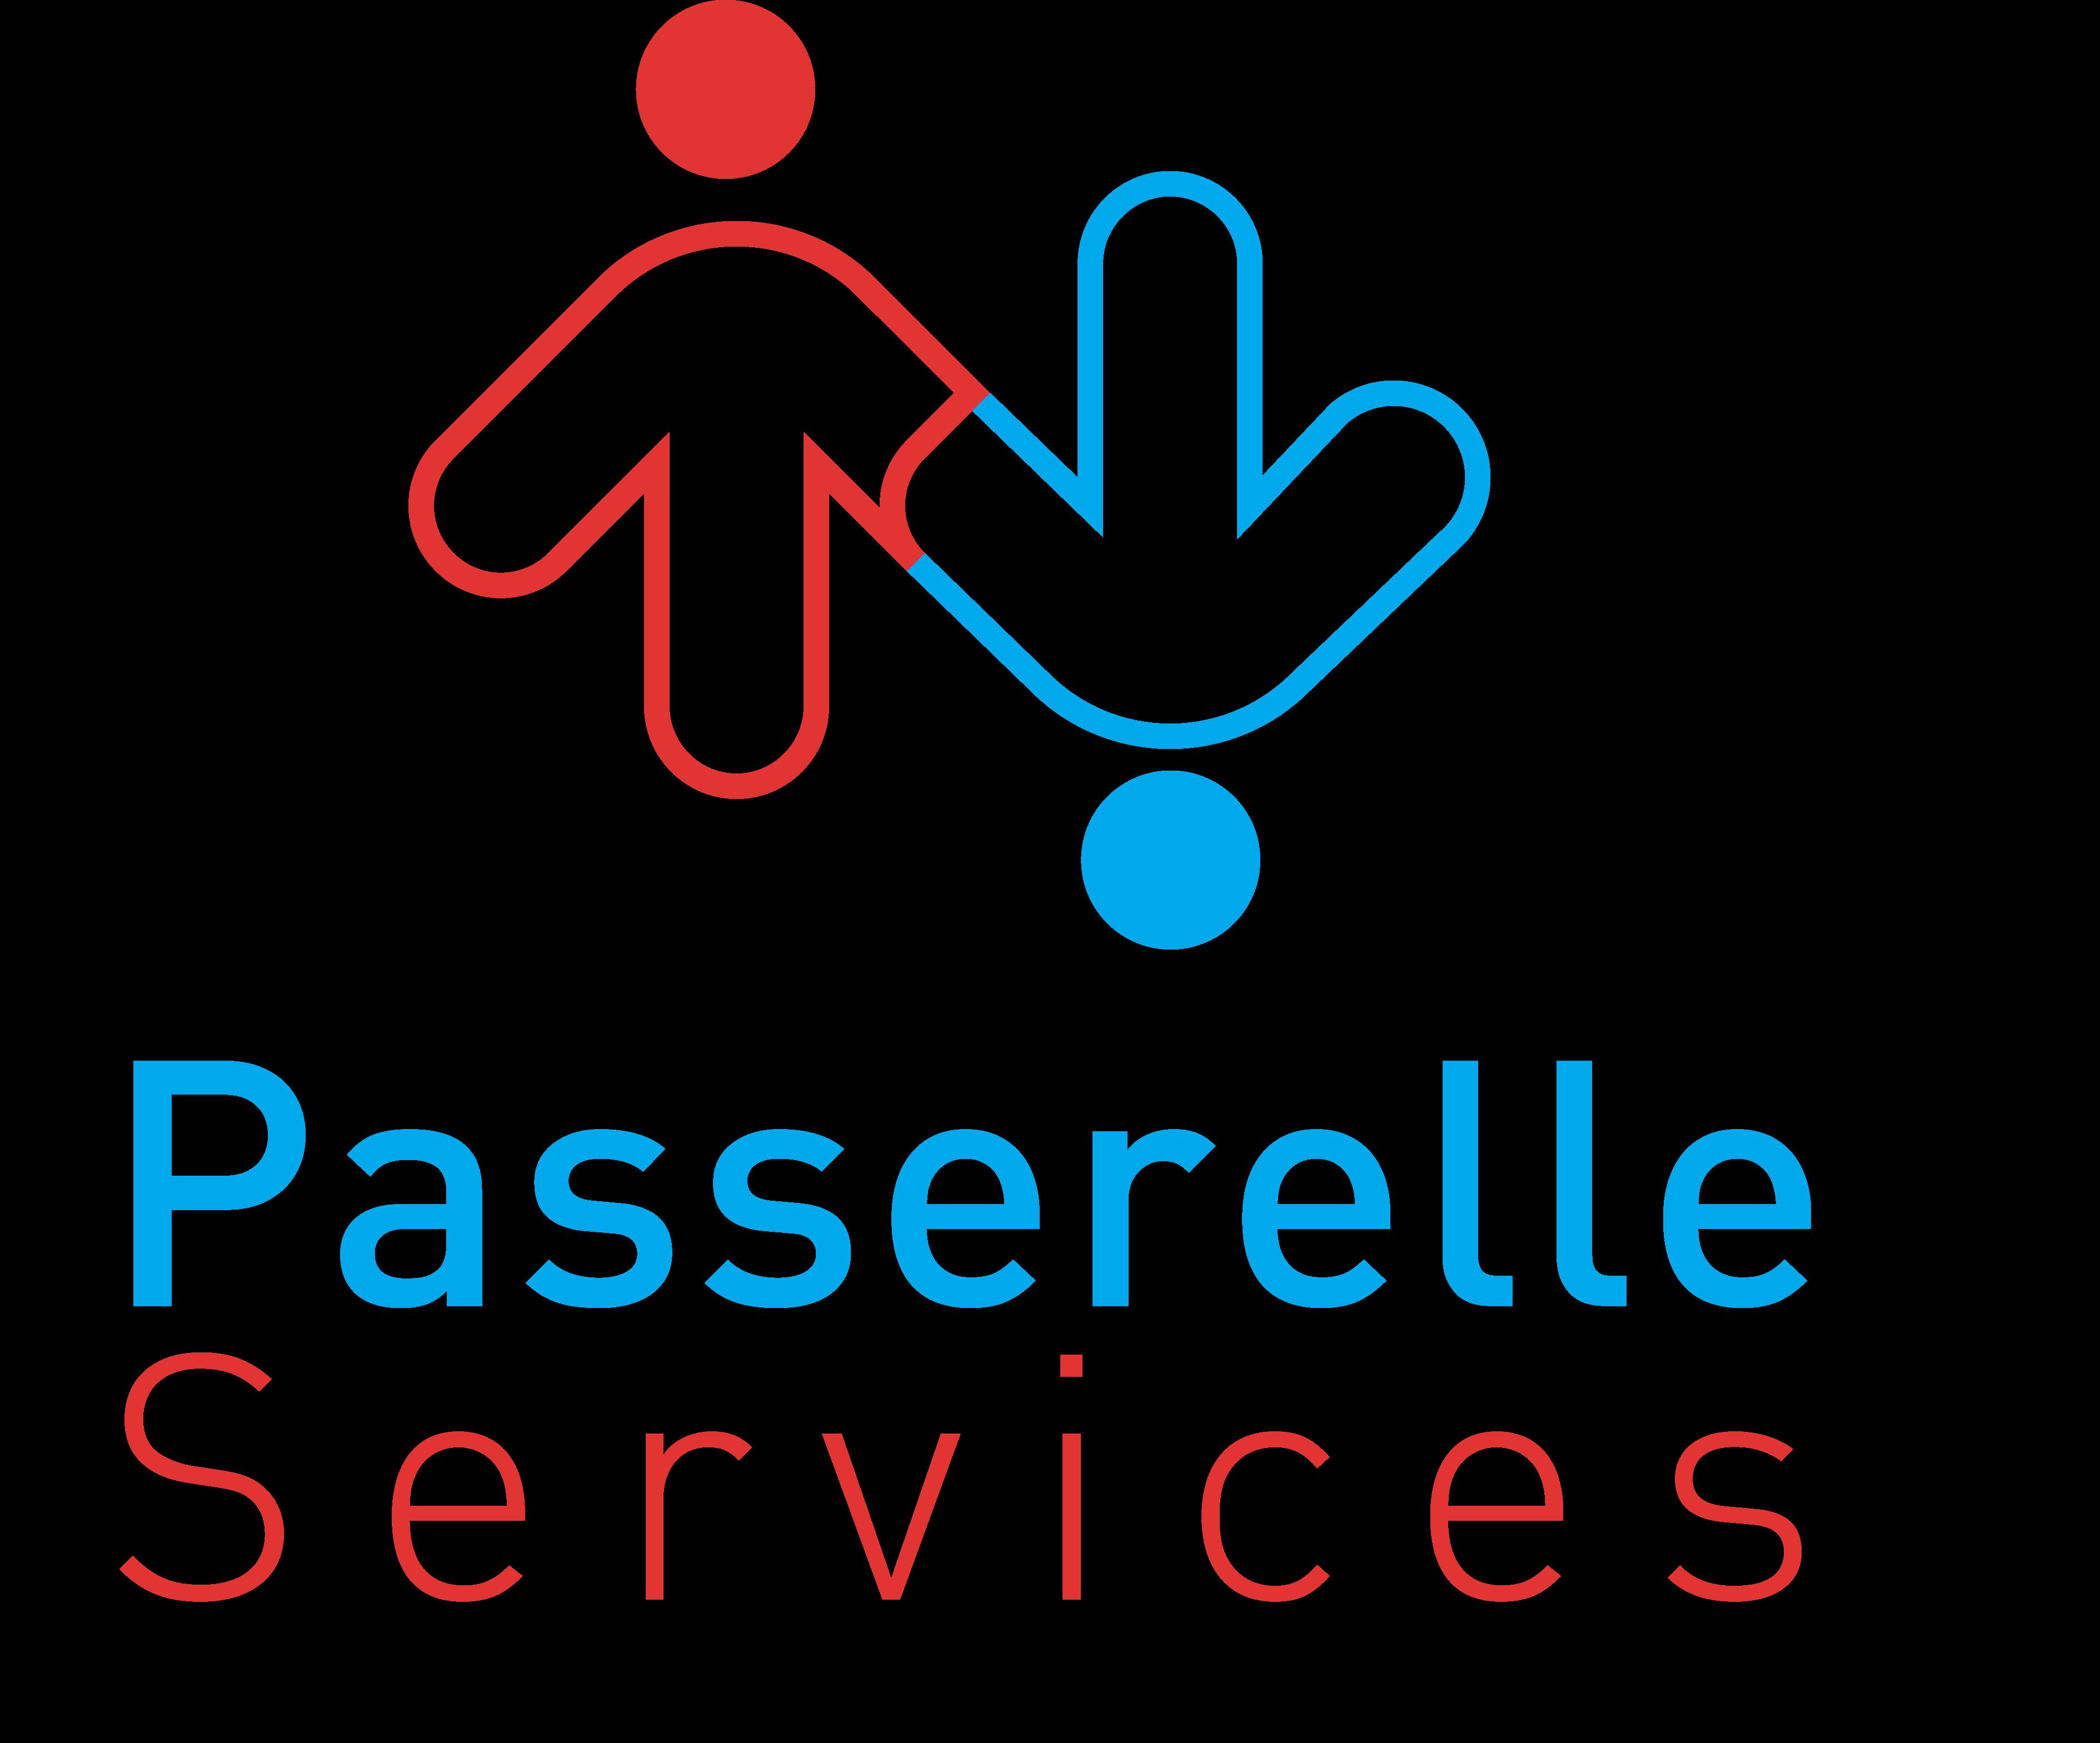 Passerelle Services